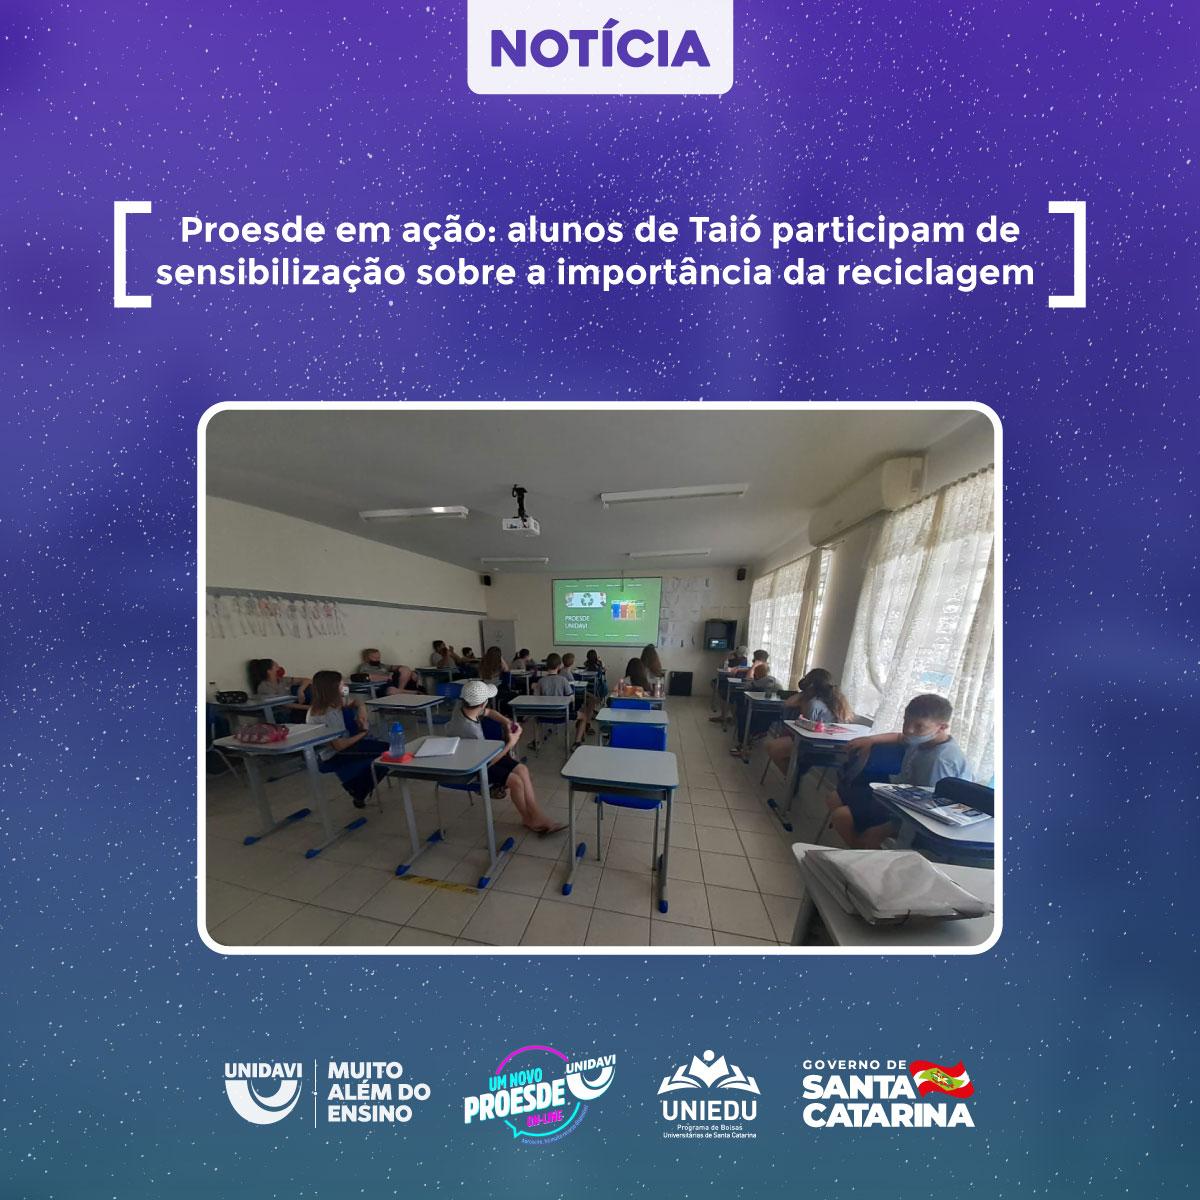 Proesde em ação: alunos de Taió participam de sensibilização sobre a importância da reciclagem